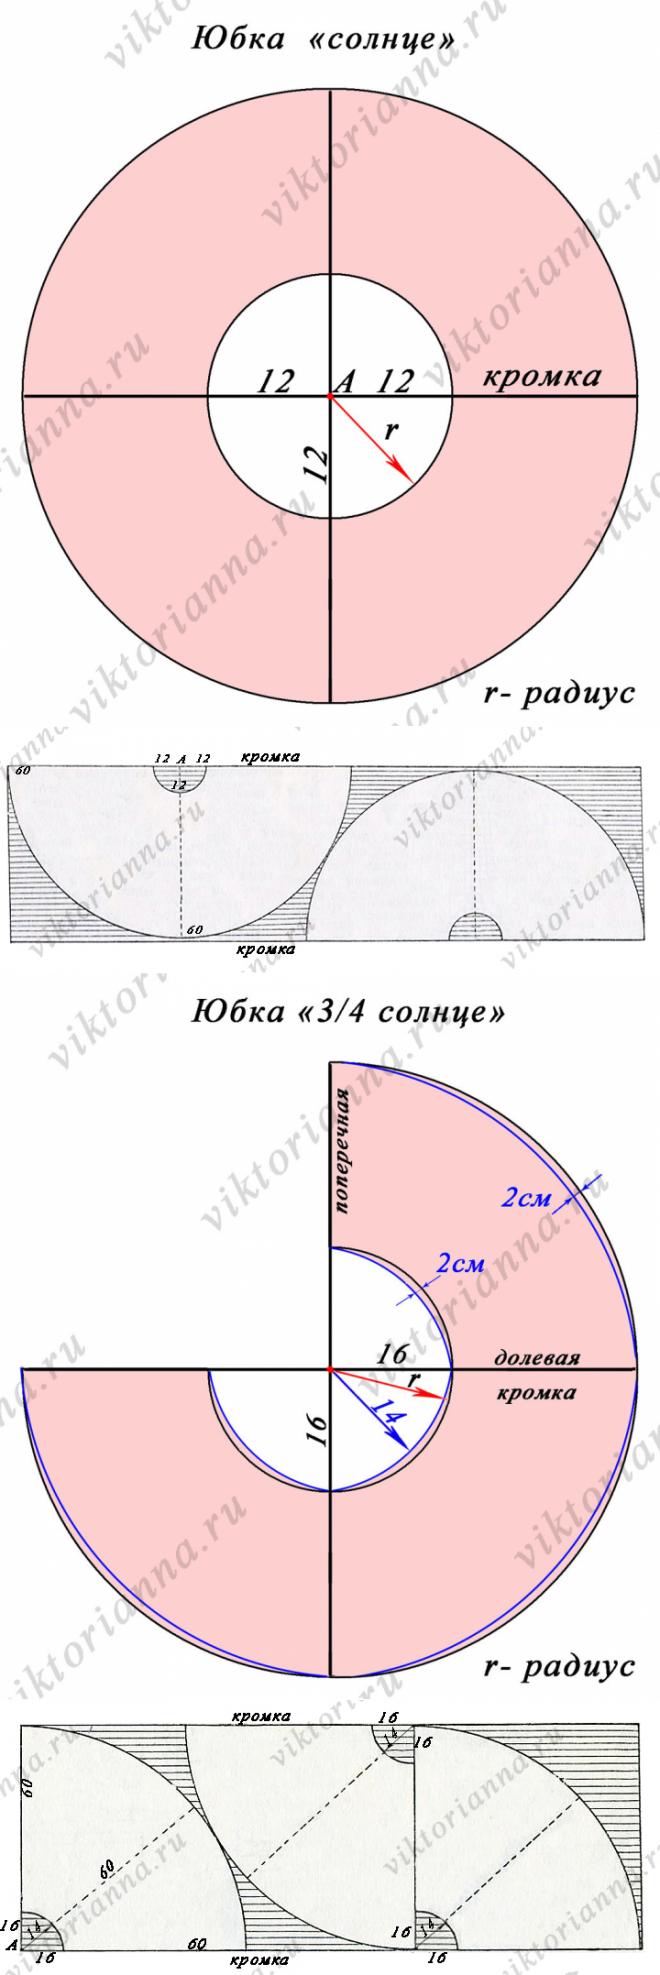 La falda en el estilo 50: el sol-klesh, el semisol y ¾ el sol (el ...